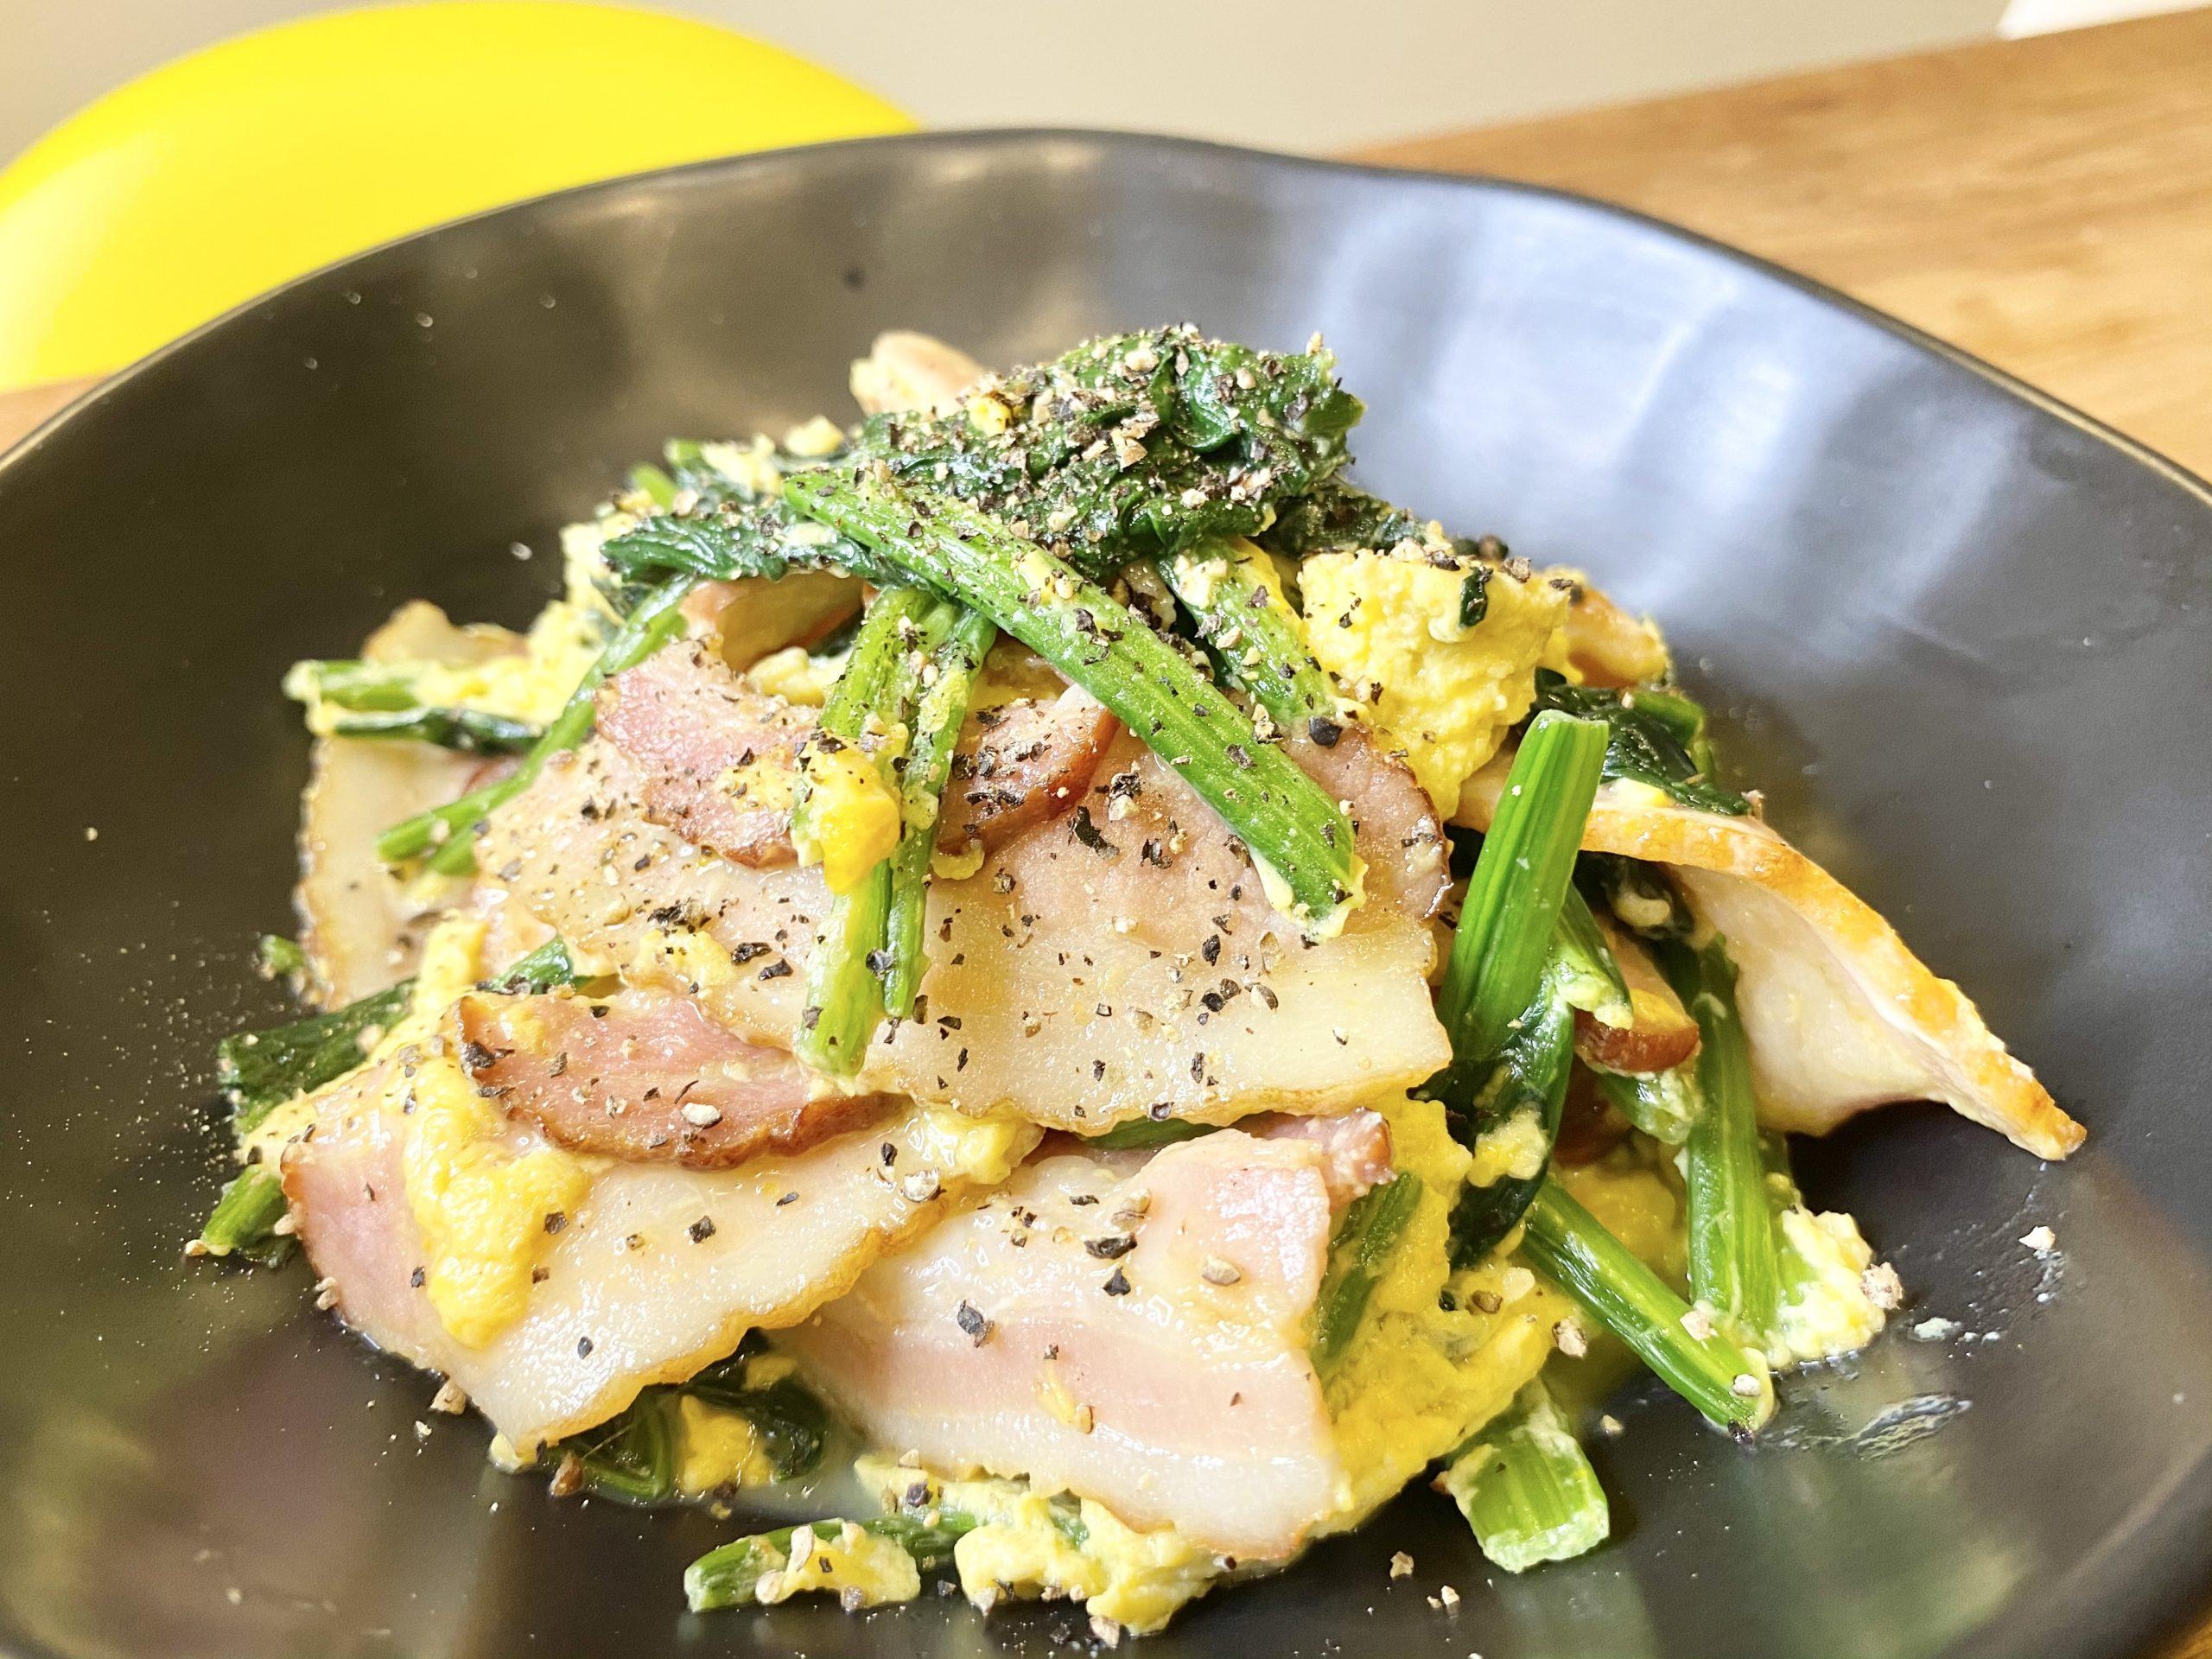 簡単10分調理!「ほうれん草とベーコンの卵炒め」のレシピ